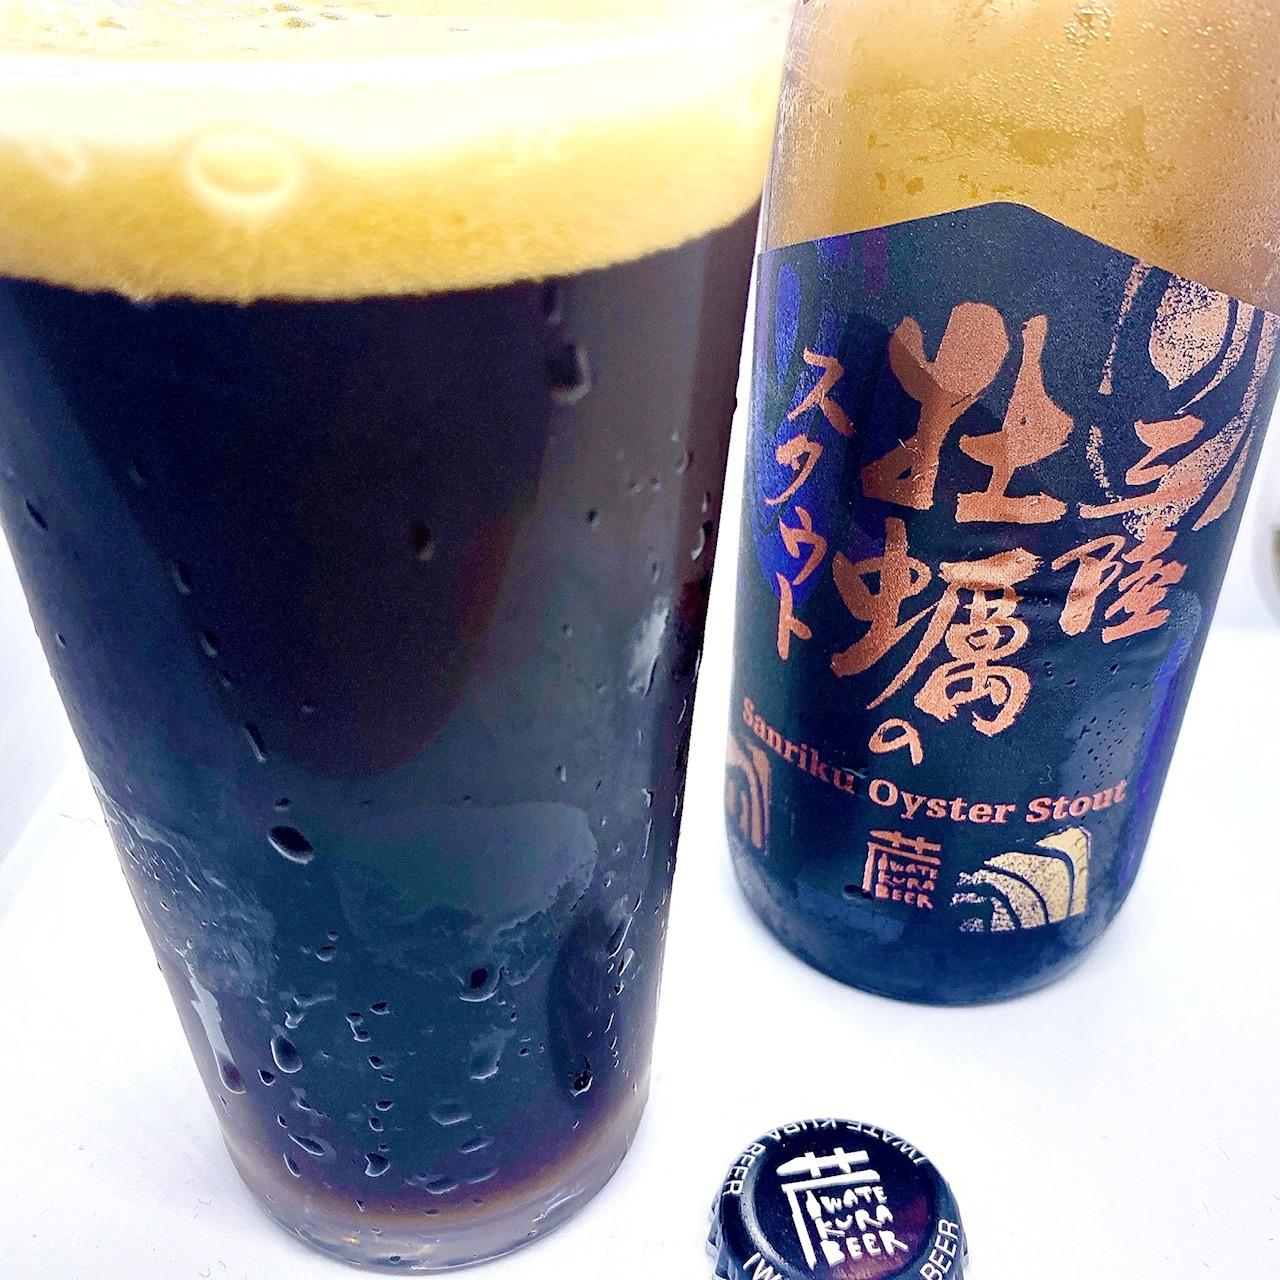 世嬉の一酒造株式会社「いわて蔵ビール 三陸広田湾産牡蠣のスタウト」